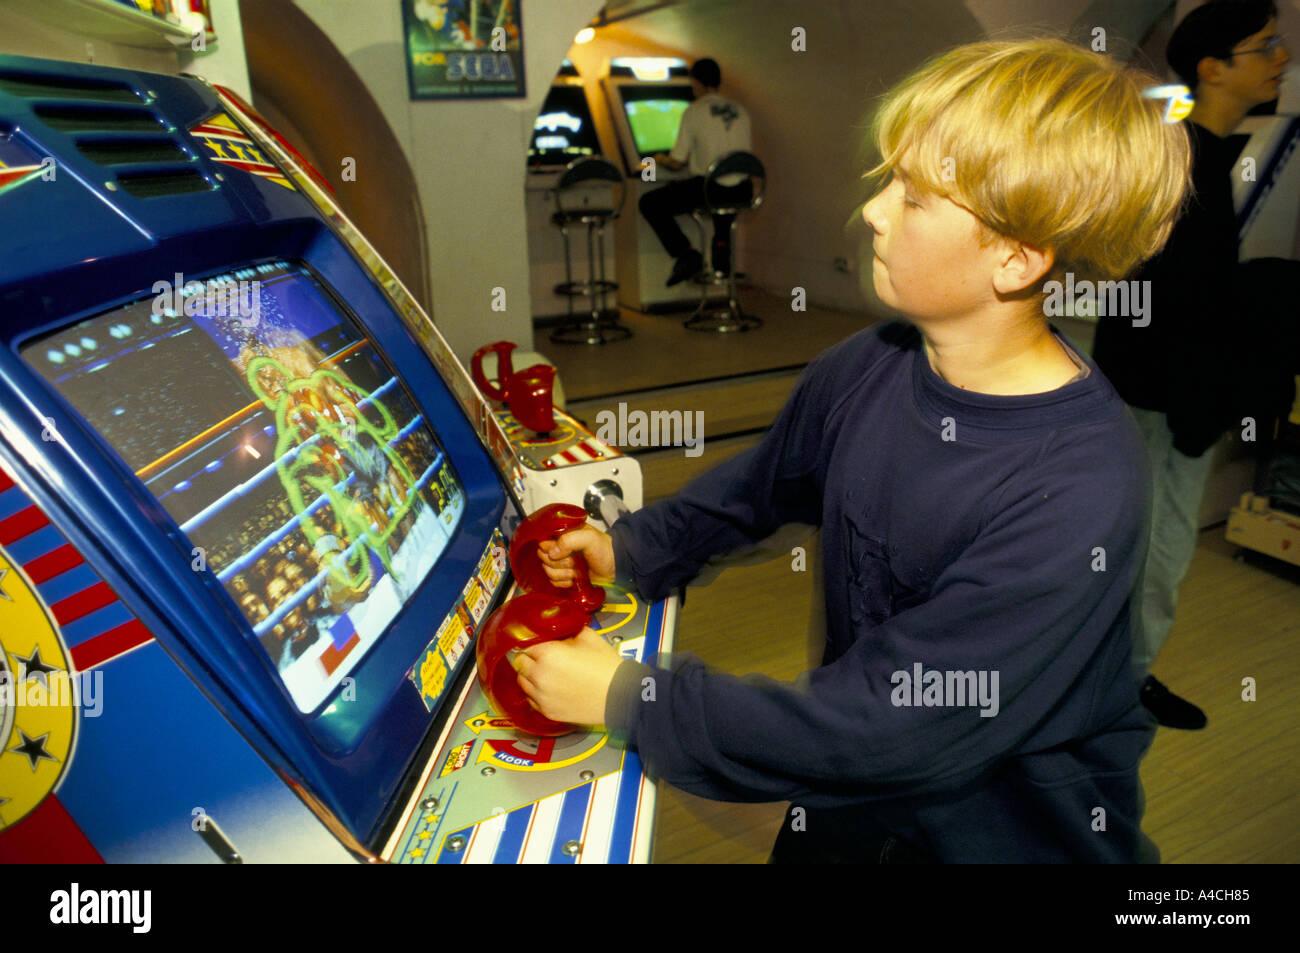 teenaged boy playing sega interactive boxing game hamleys toy shop london 08 93 - Stock Image